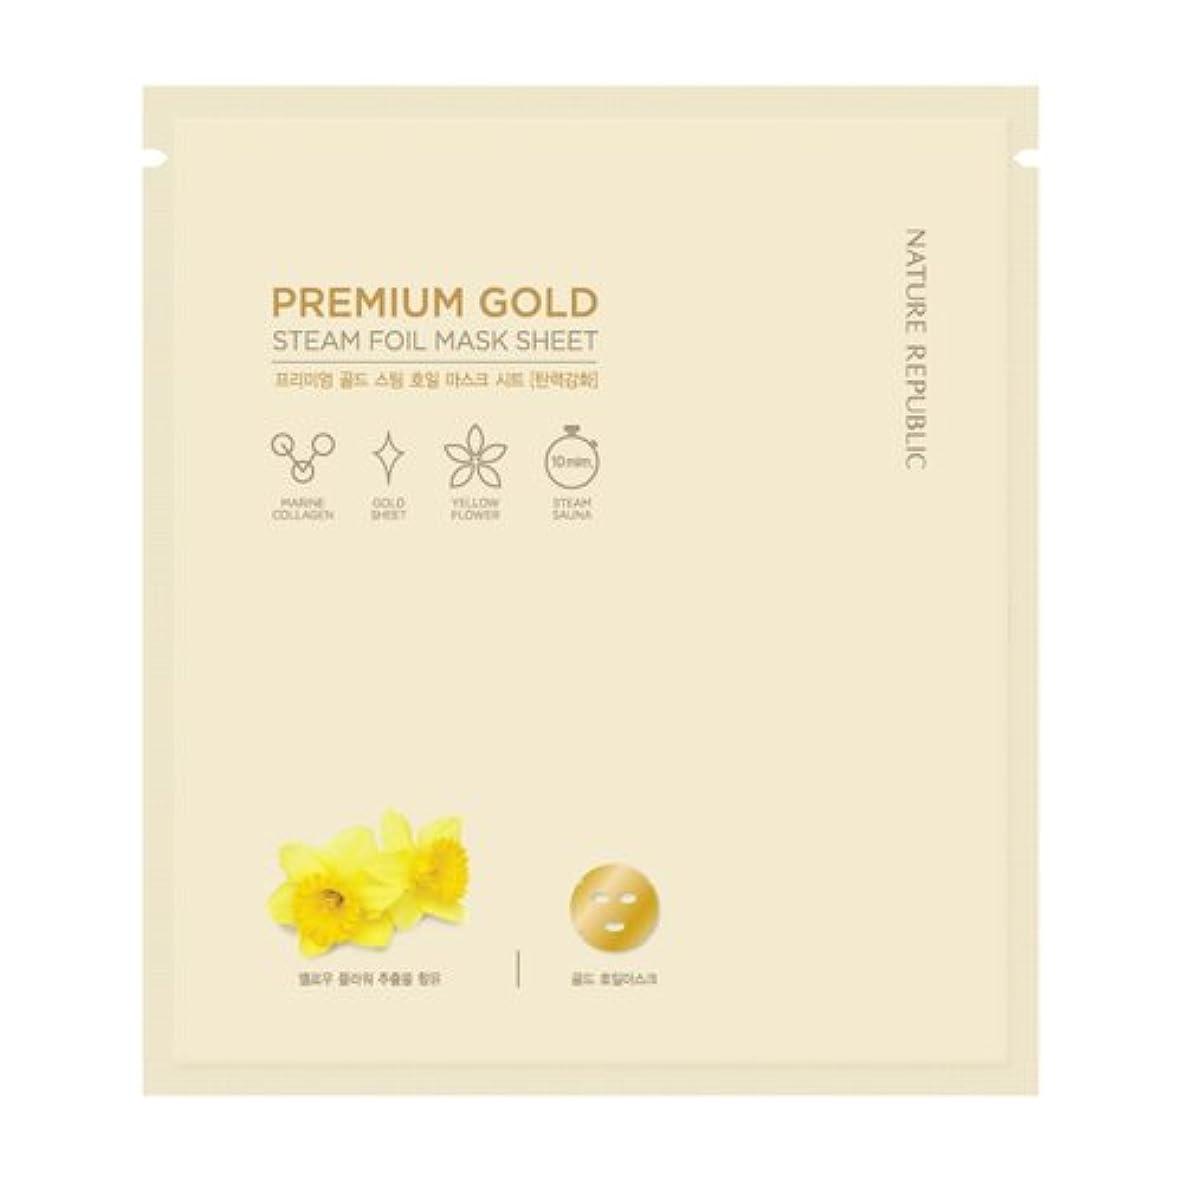 今日言うまでもなく追跡Nature Republic Premium Gold Steam Foil Mask Sheet [5ea] ネーチャーリパブリック プレミアムゴールドスチームホイルマスクシート [5枚] [並行輸入品]